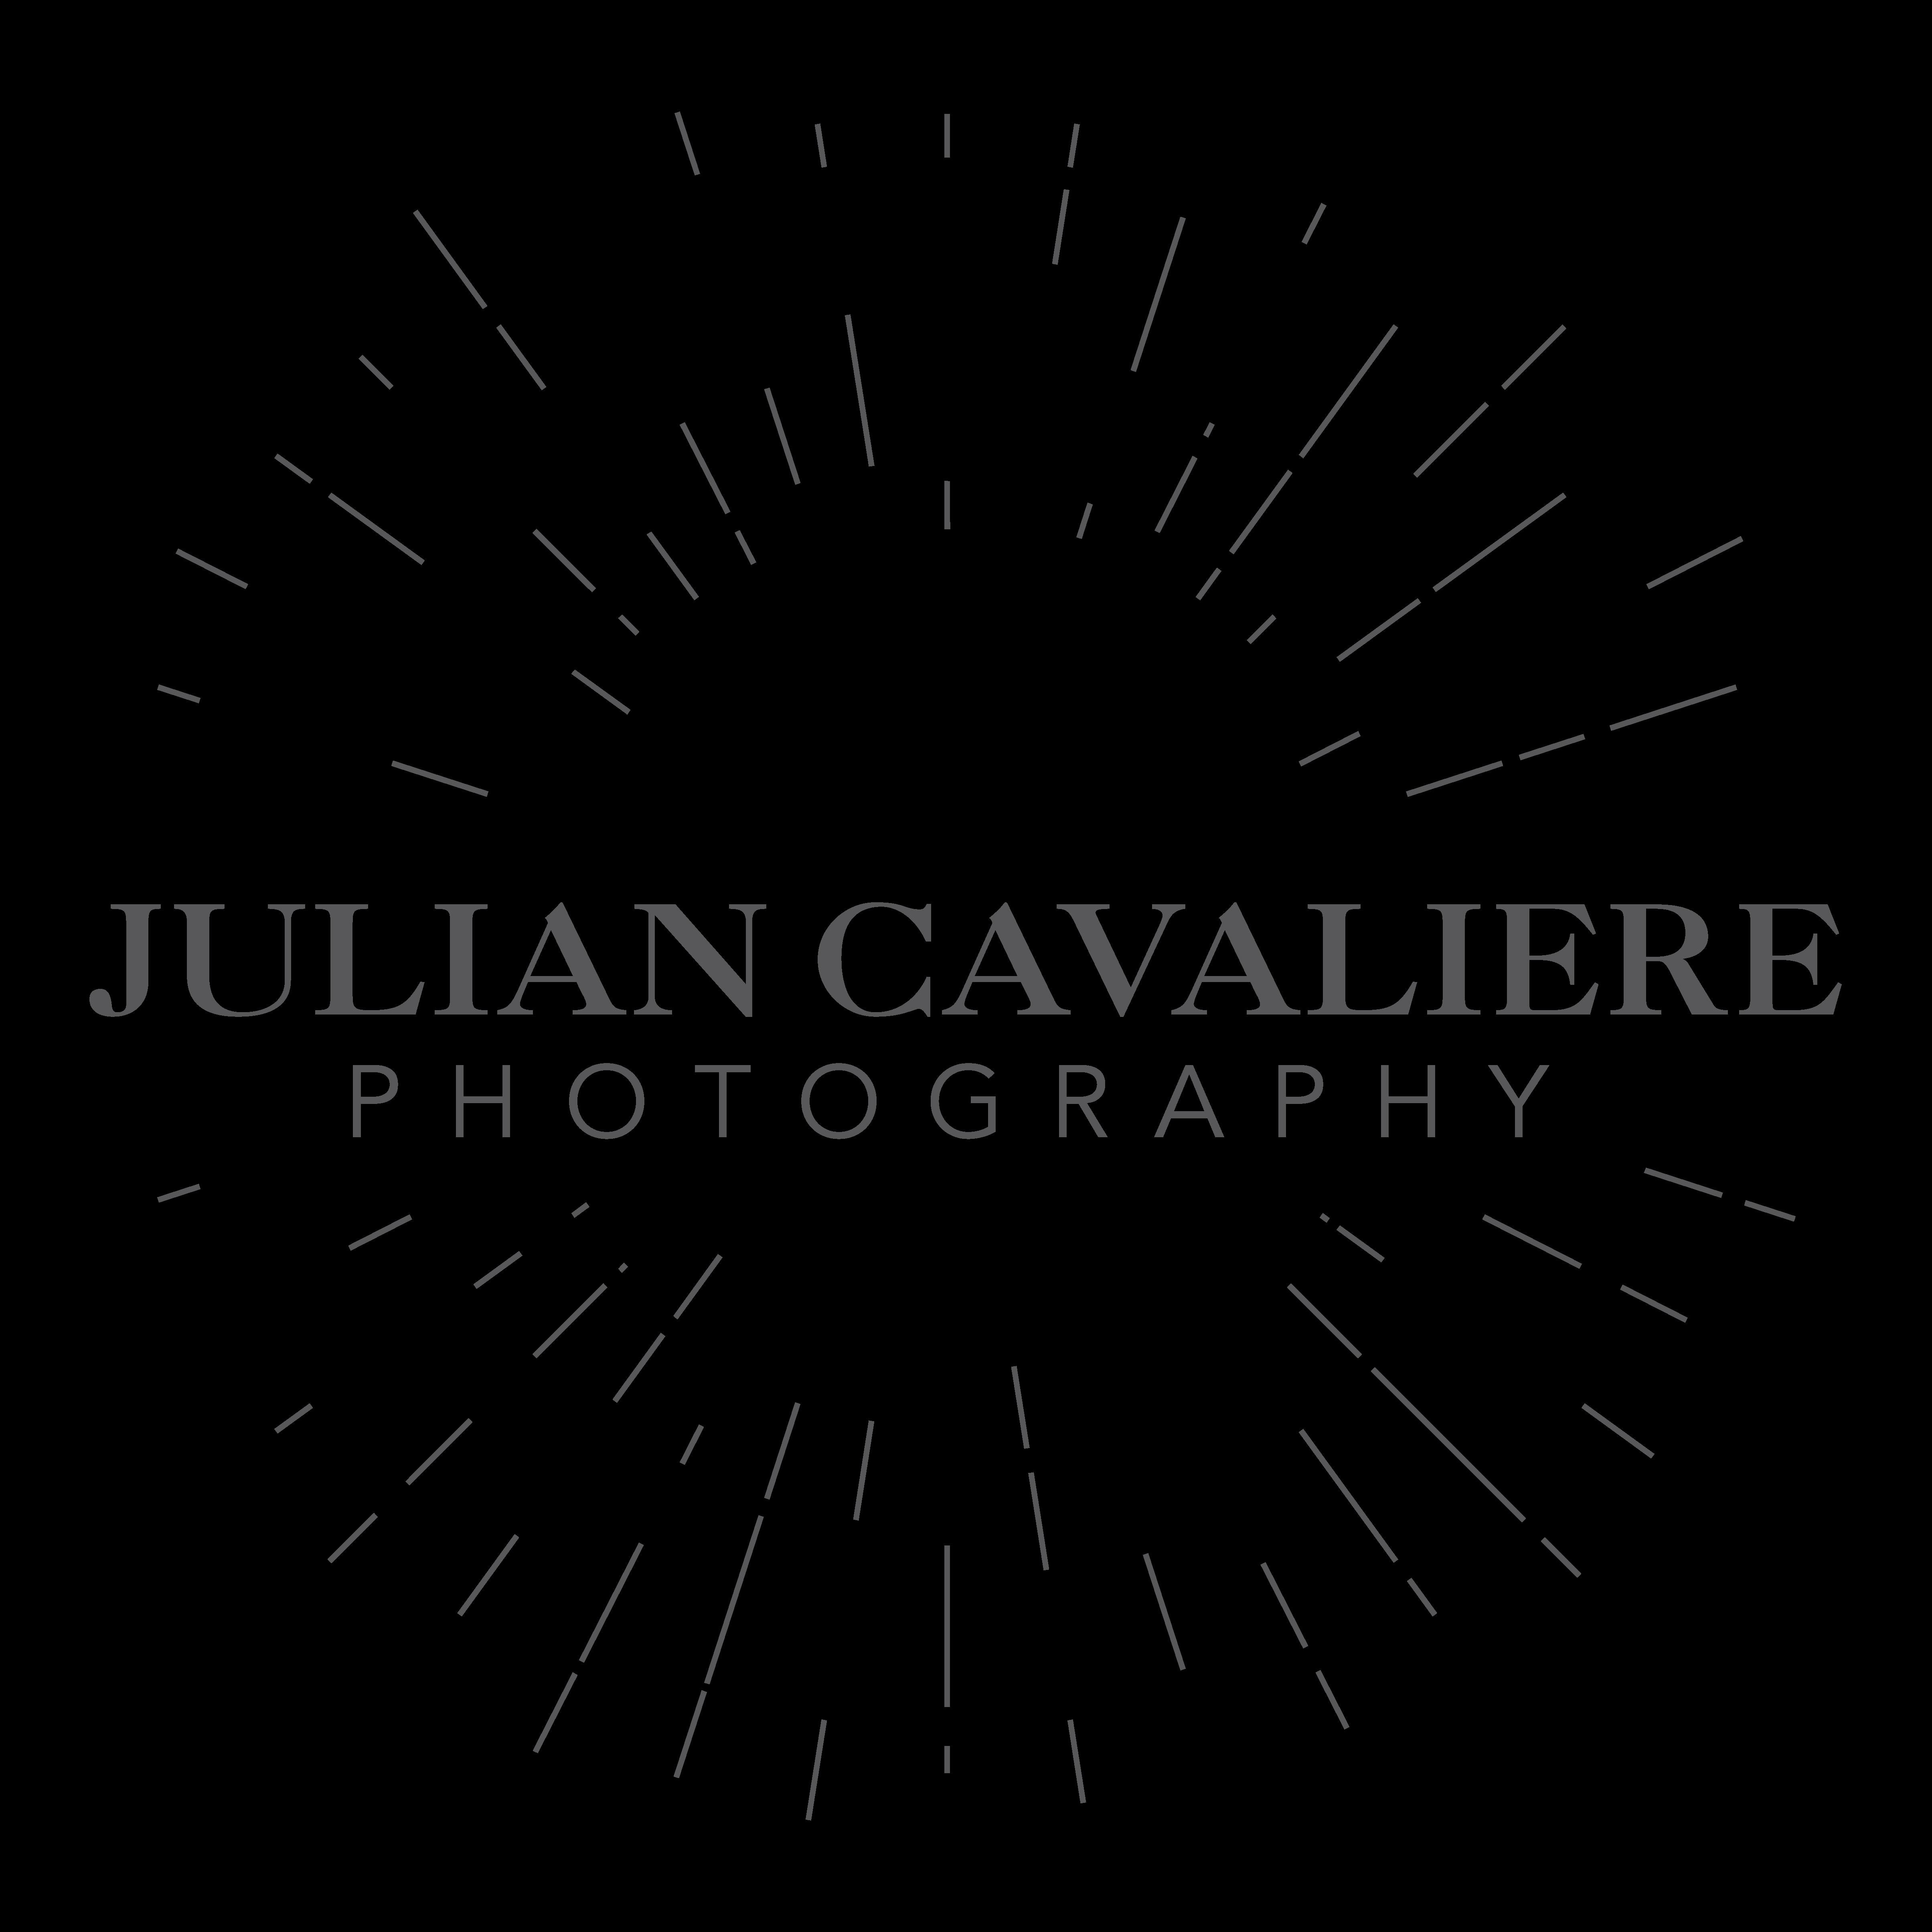 Julian Cavaliere